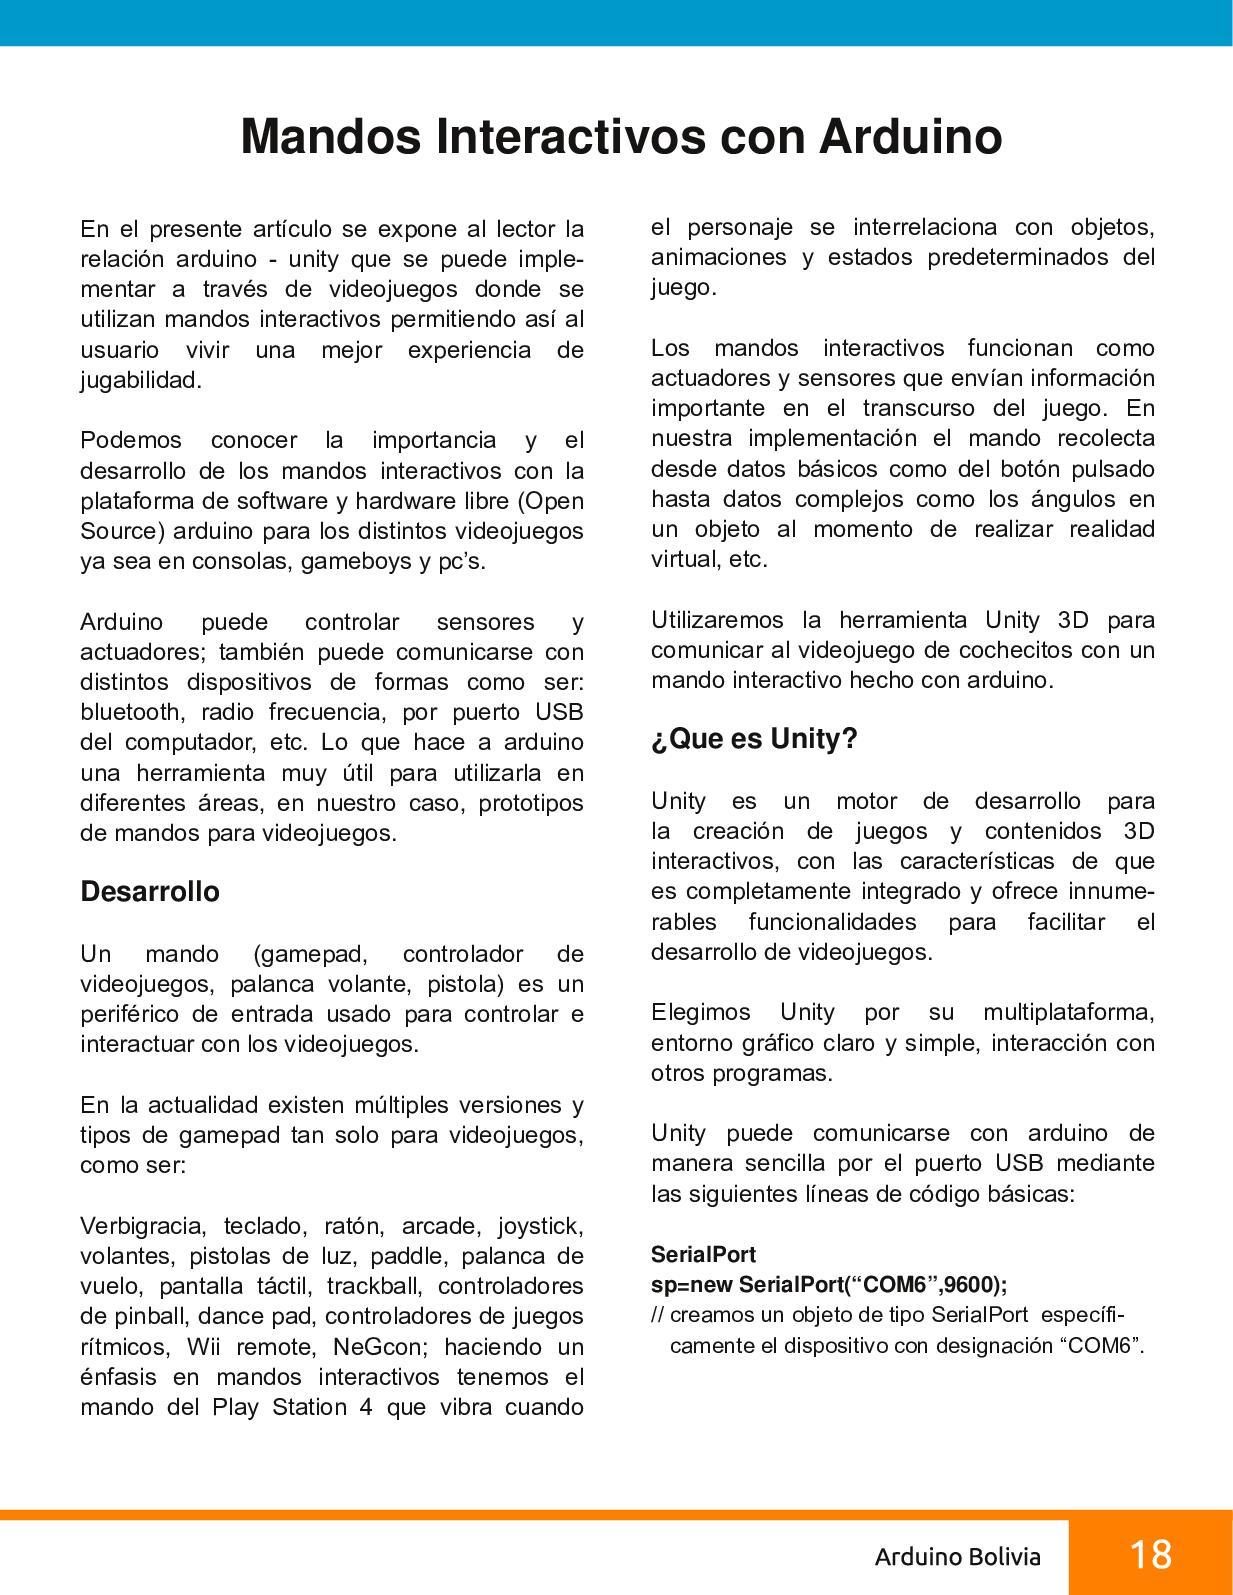 Arduino Bolivia 1 - CALAMEO Downloader